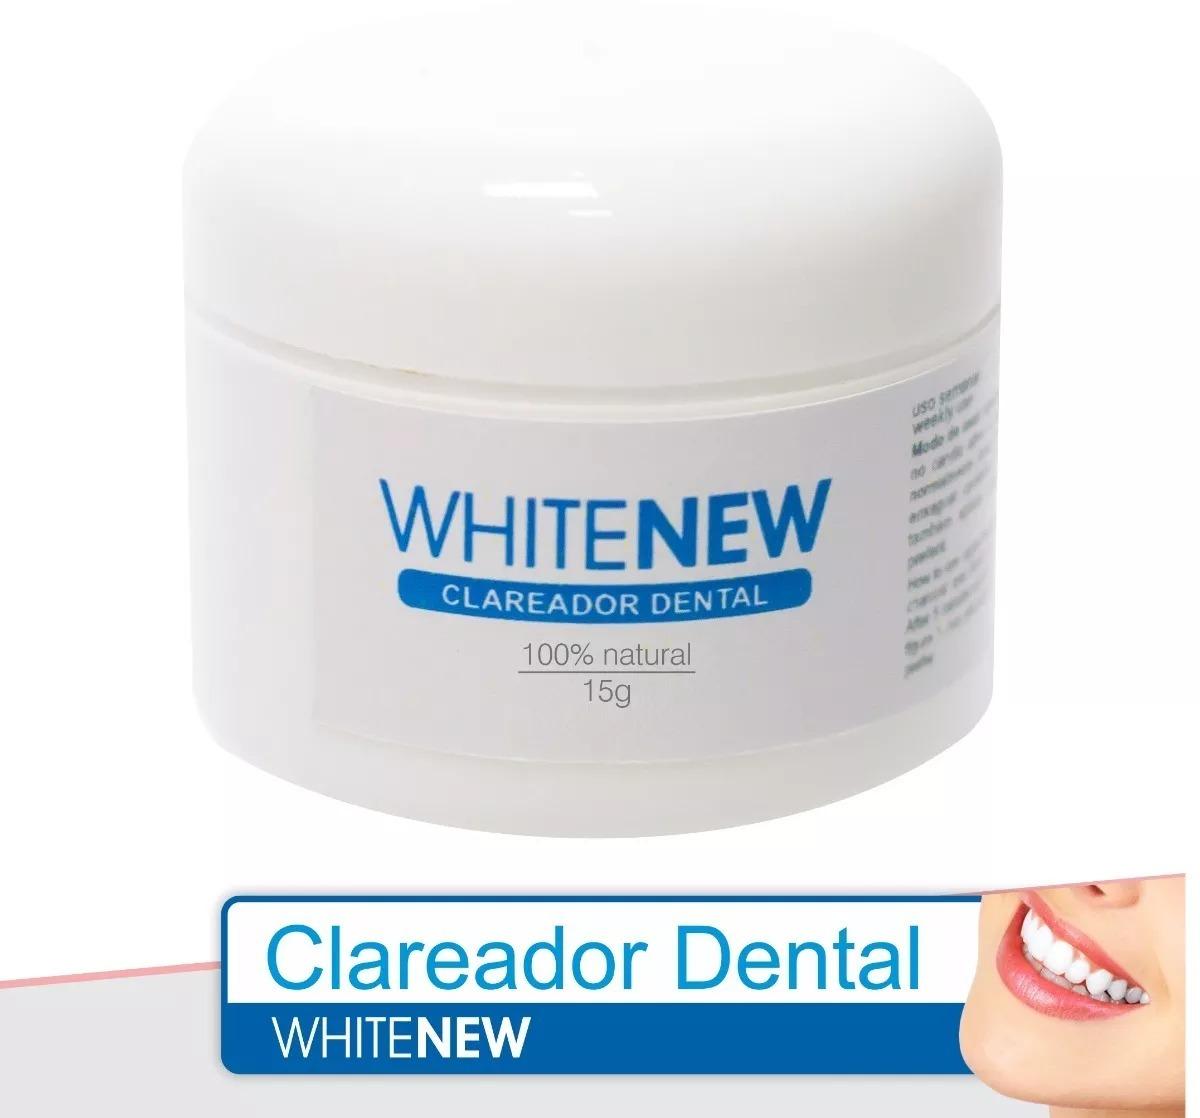 Whitenew 15g Clareador Dental 100 Natural Em Po Bambu R 24 99